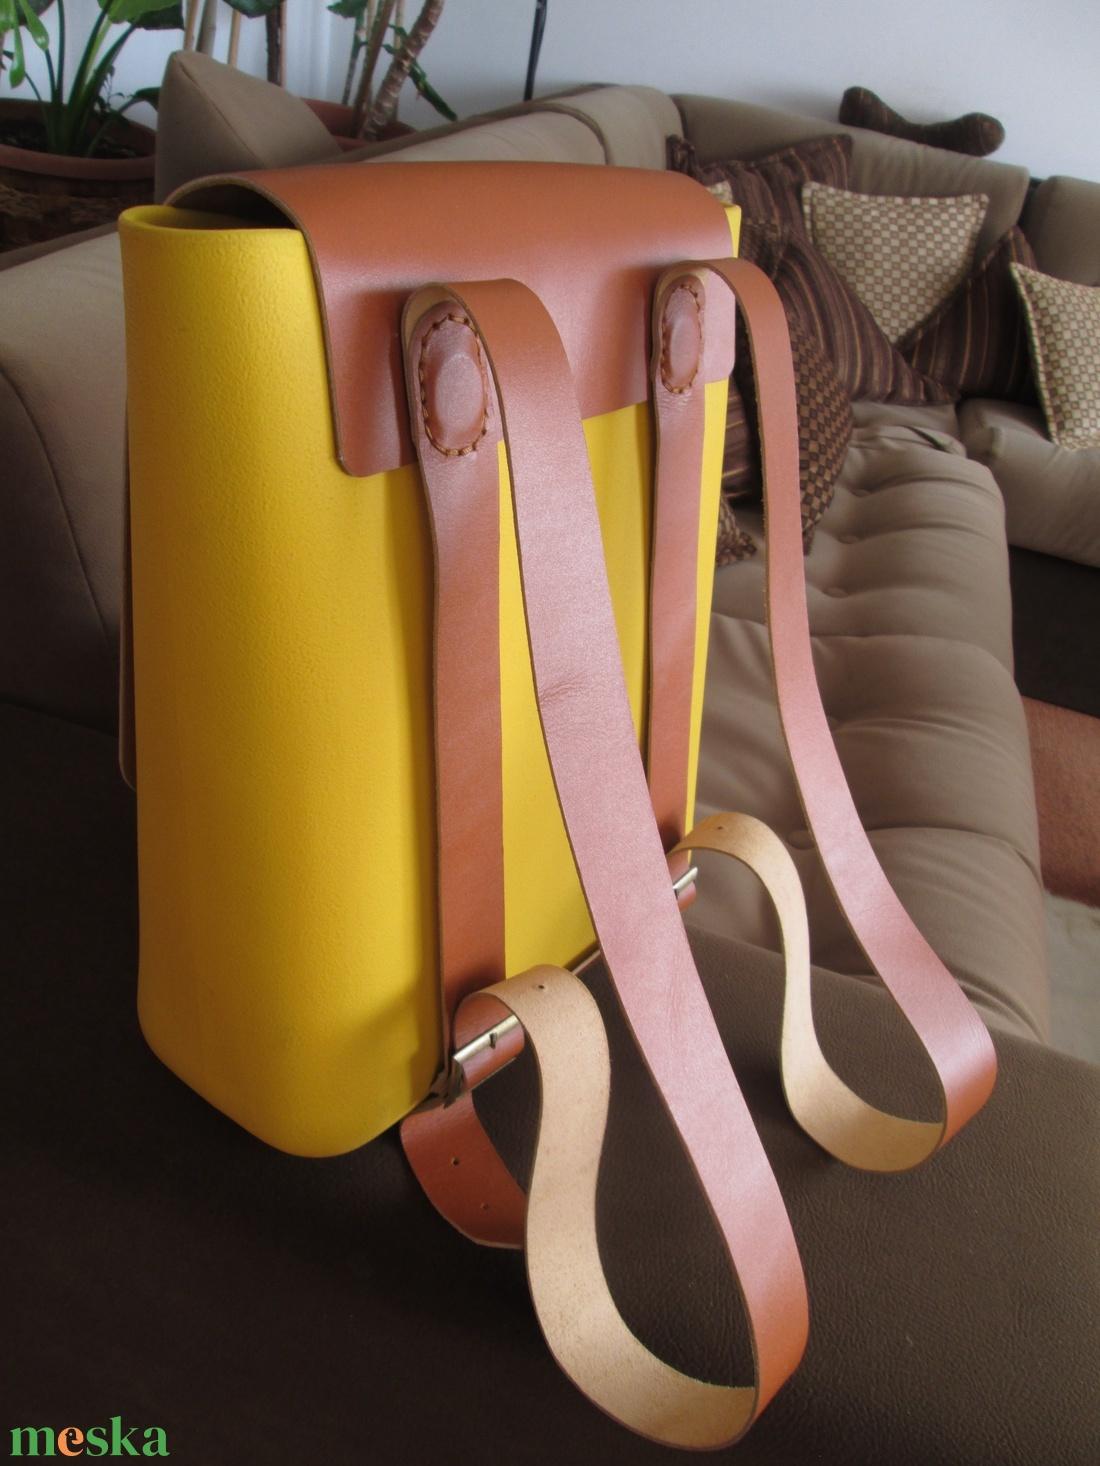 5bde930012 ... Tartozékok o bag chic táska hátitáskává alakításához (spalti51) -  Meska.hu ...